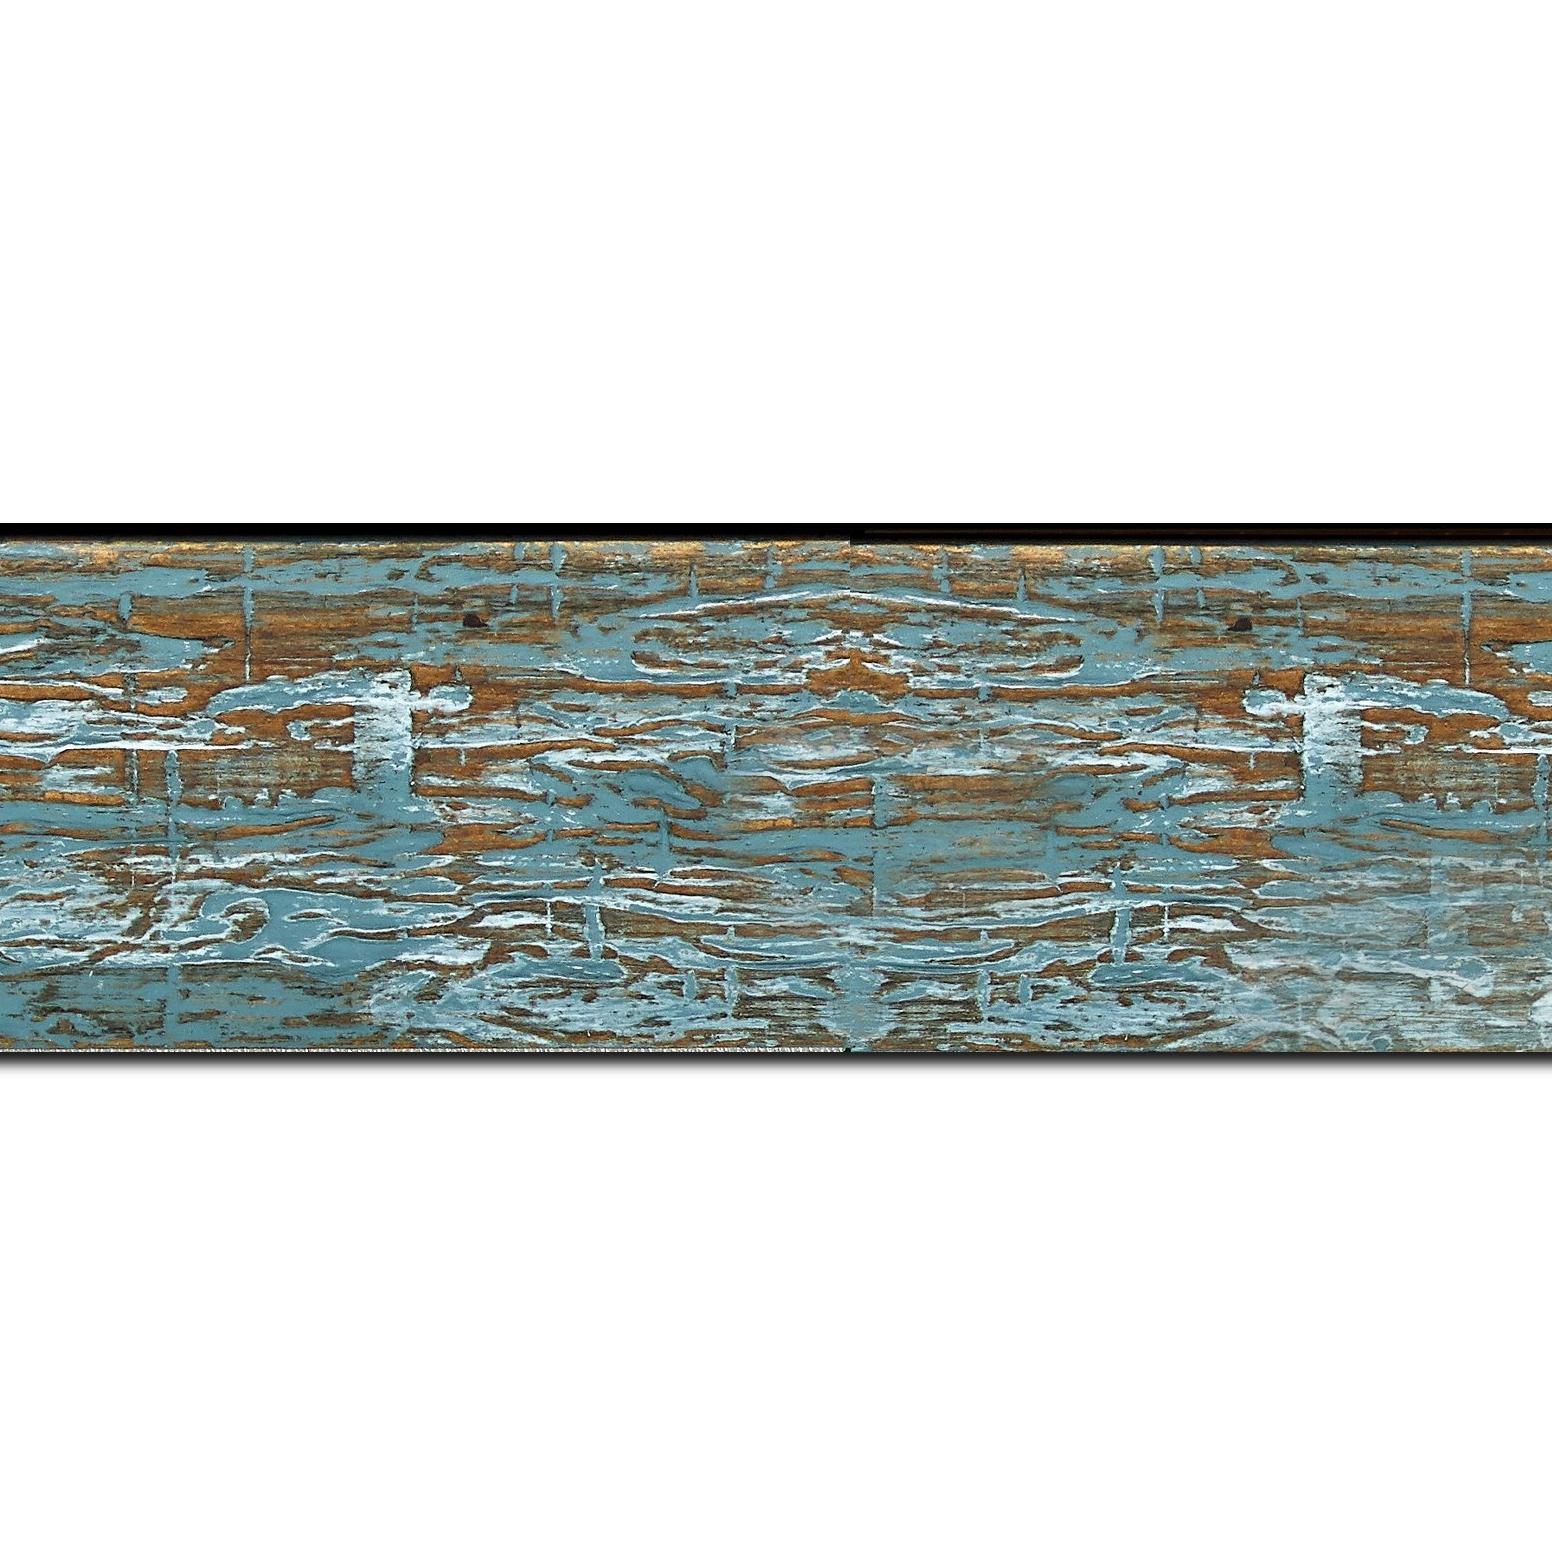 Baguette longueur 1.40m bois profil plat largeur 5cm couleur bleu turquoise finition bois brut aspect palette